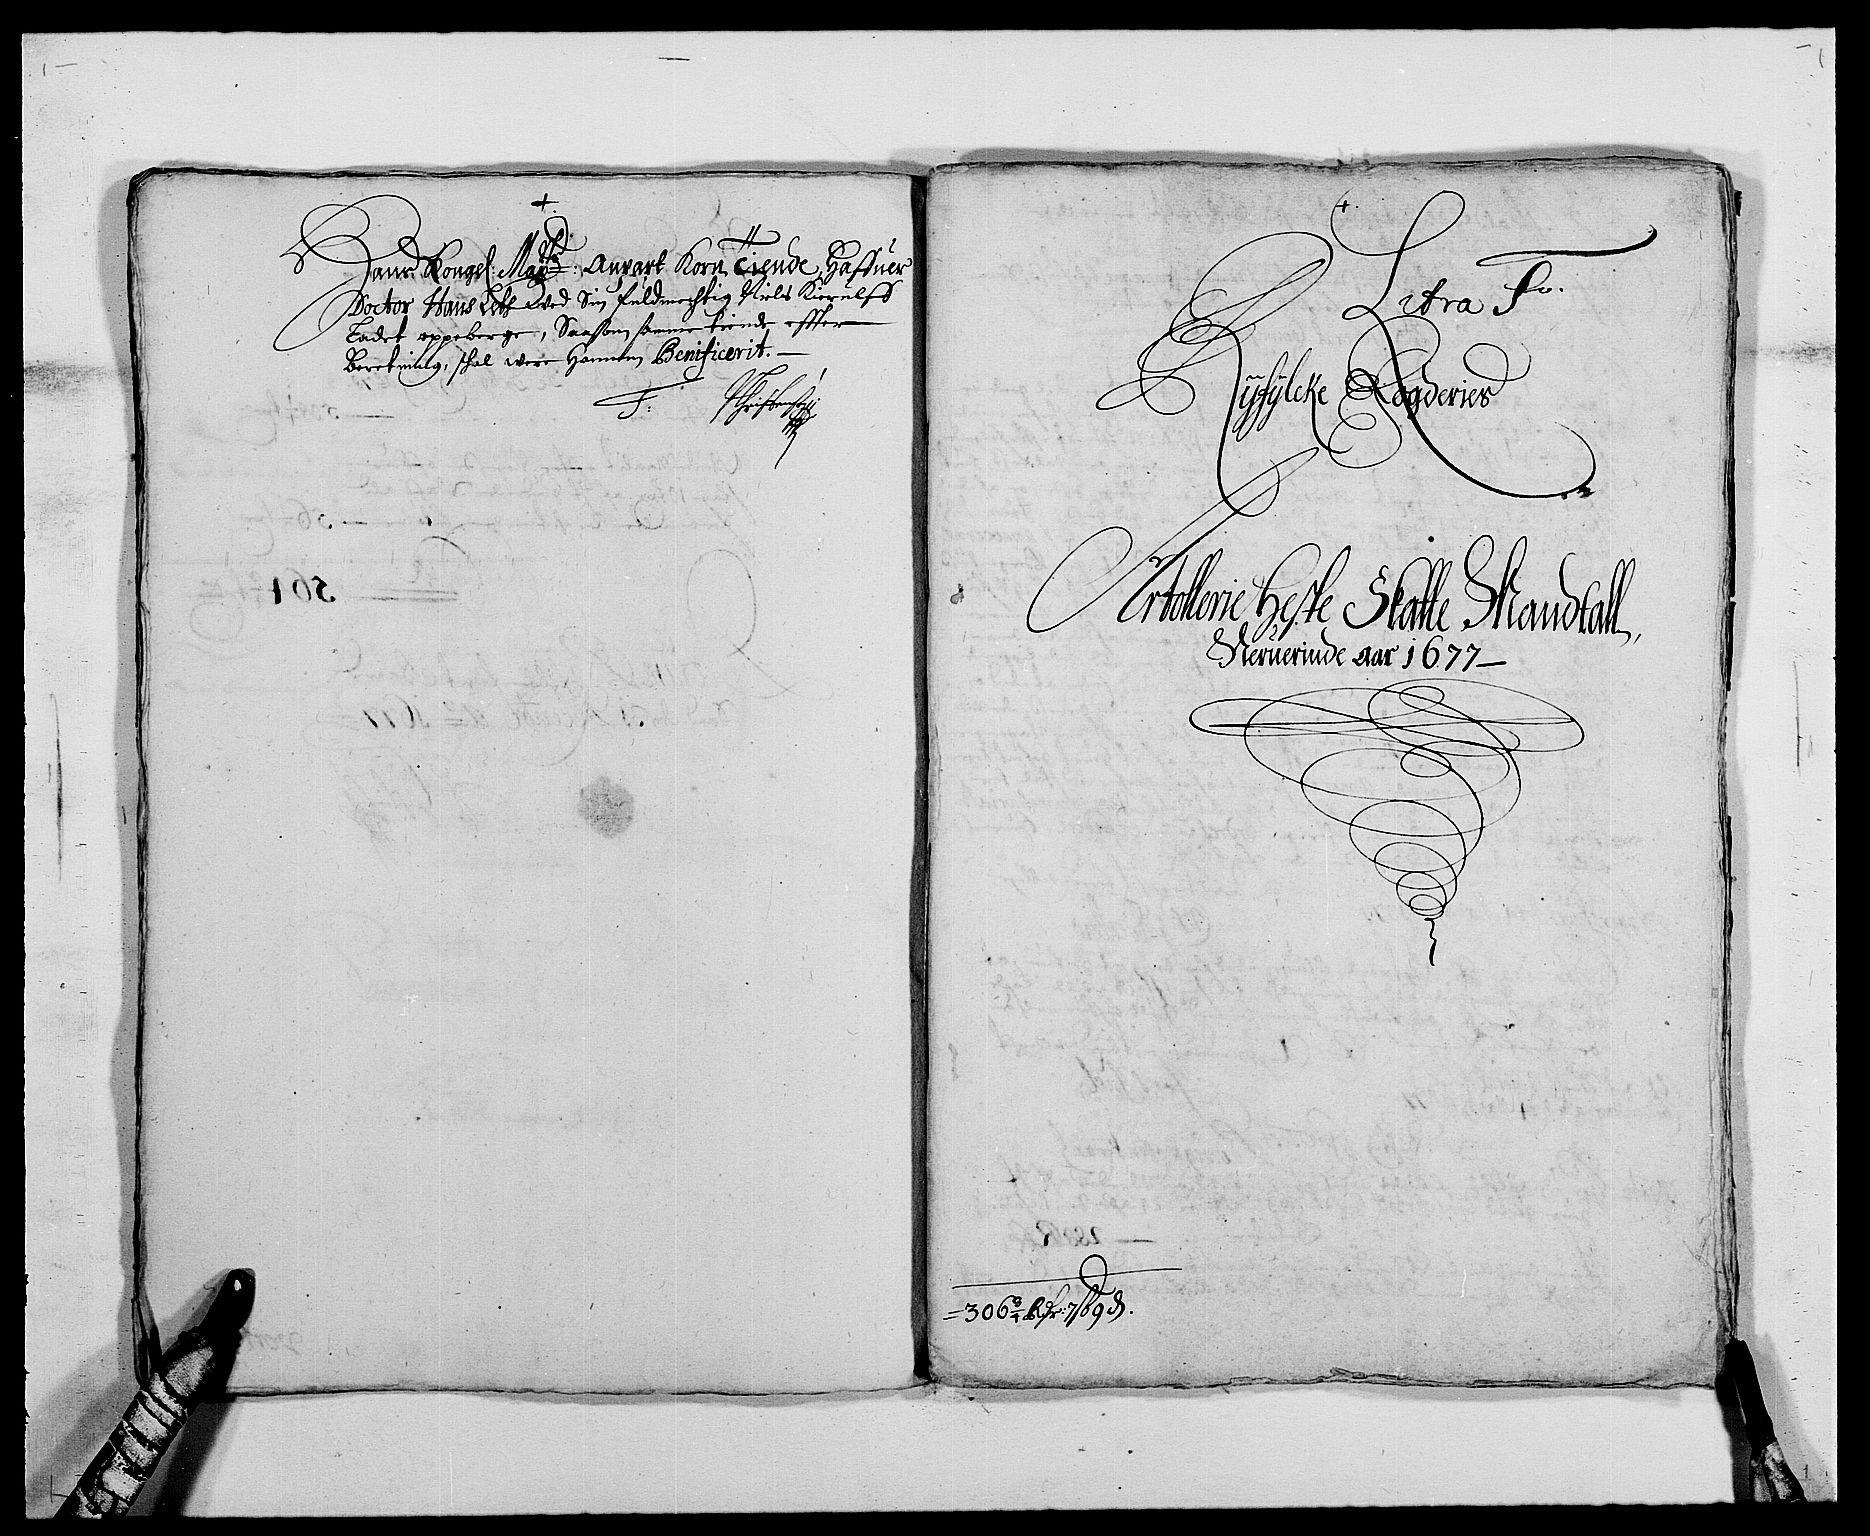 RA, Rentekammeret inntil 1814, Reviderte regnskaper, Fogderegnskap, R47/L2847: Fogderegnskap Ryfylke, 1677, s. 181